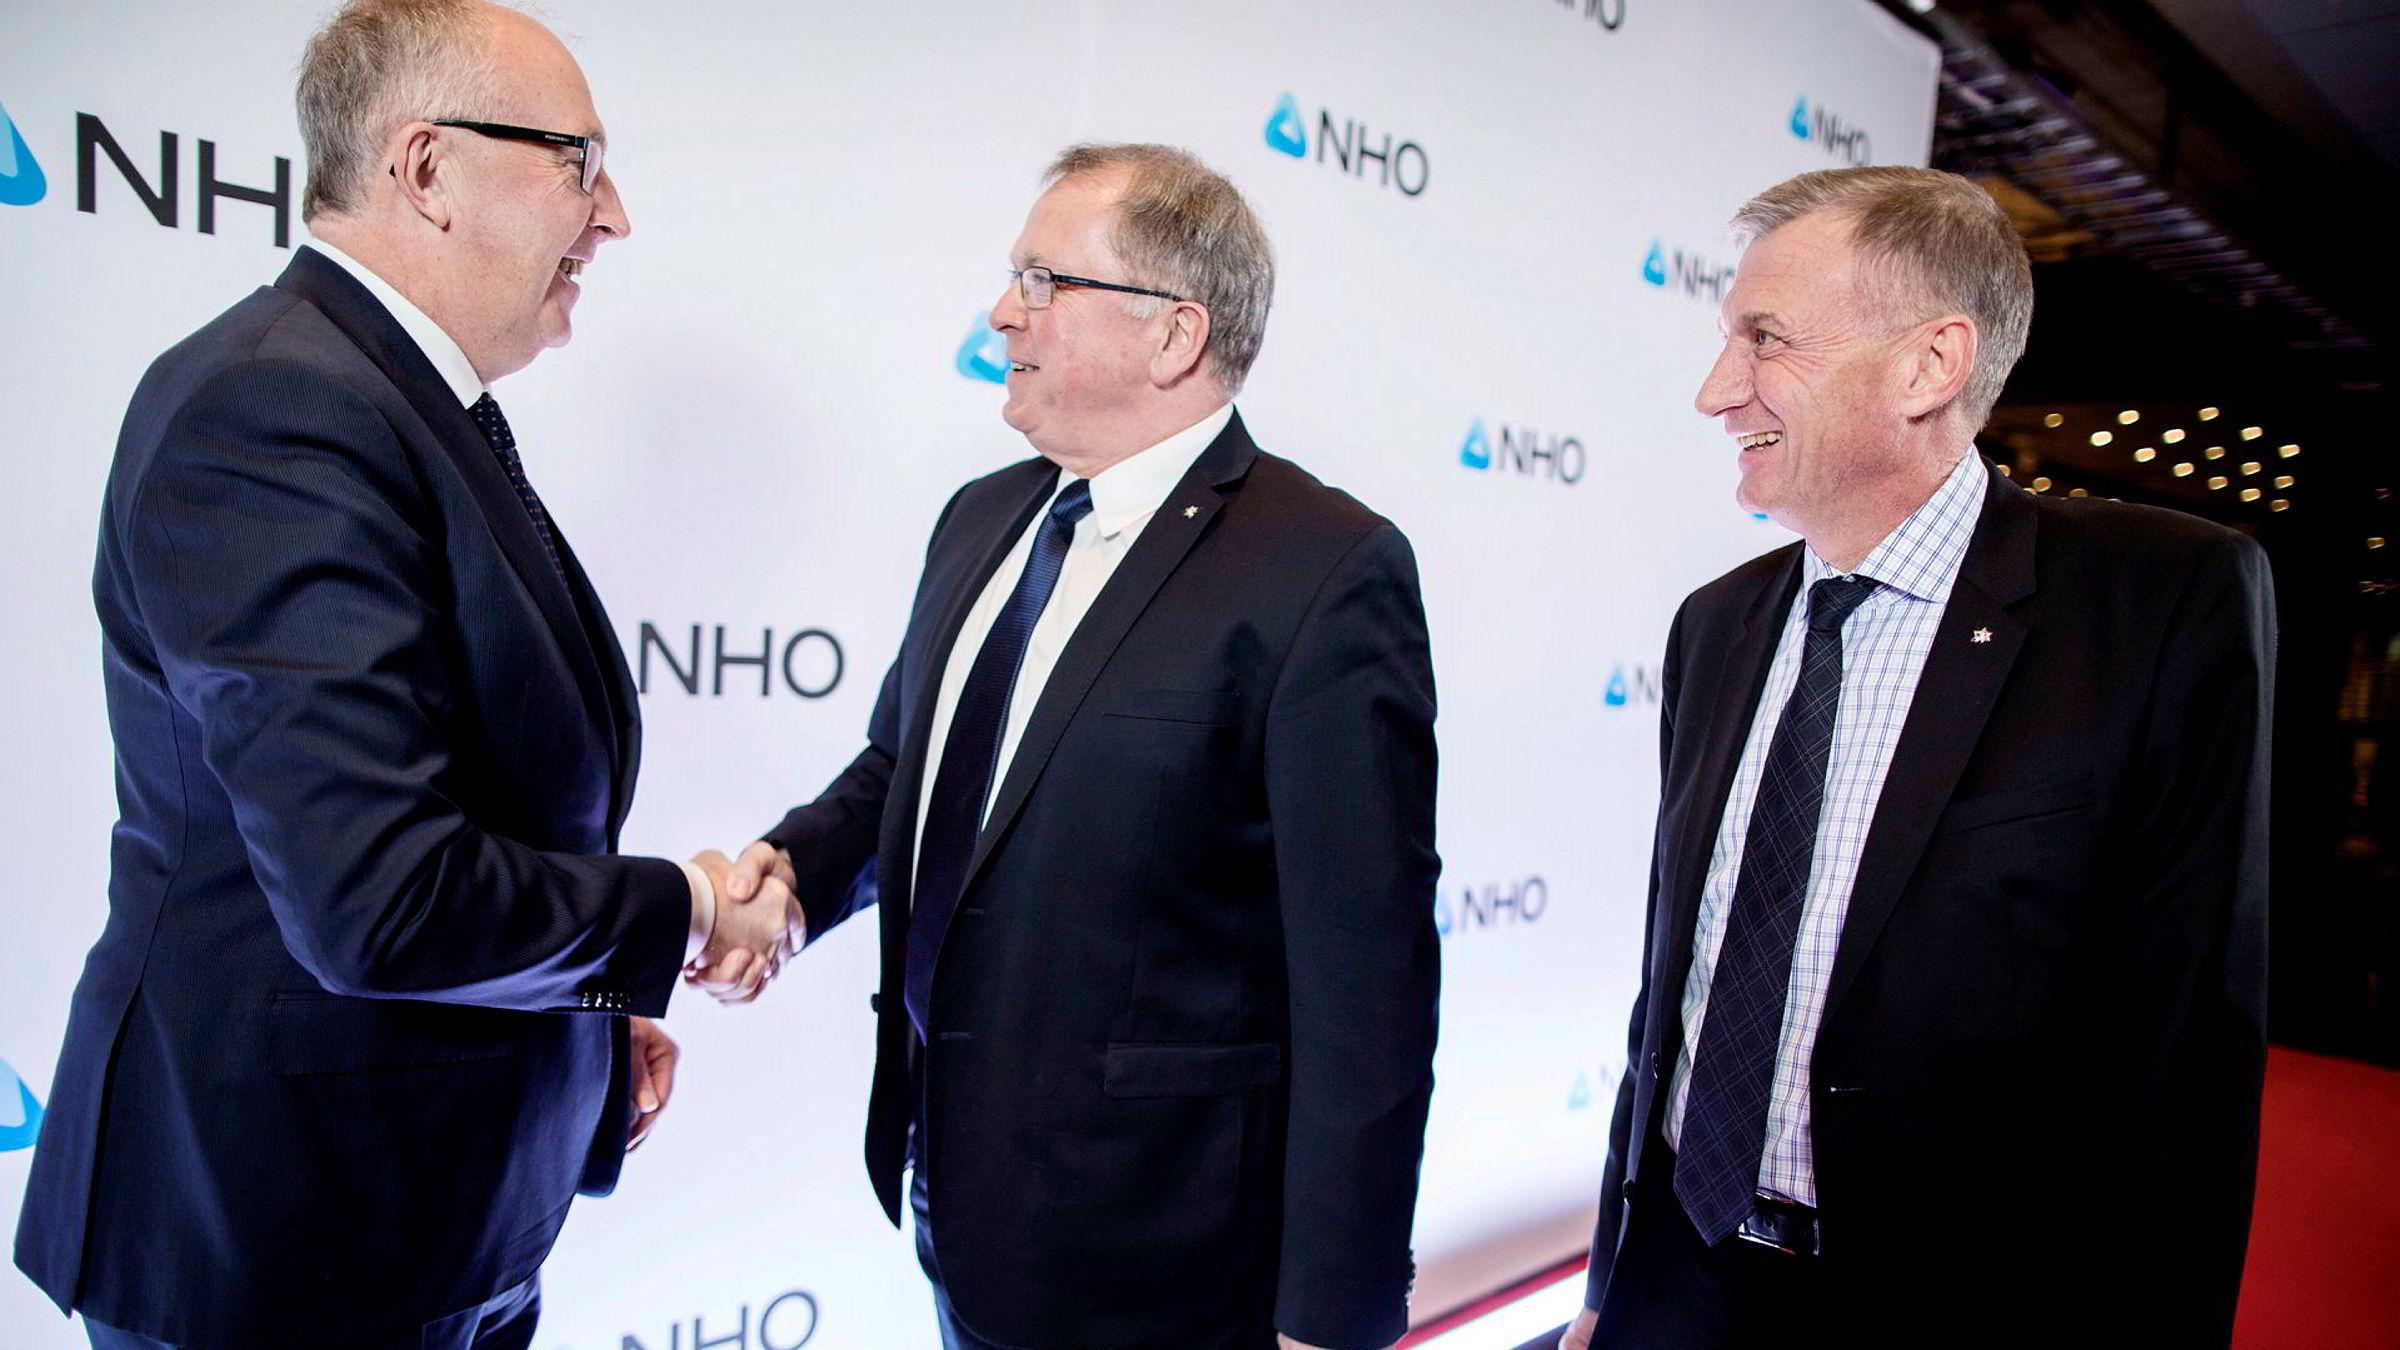 Vi forventer at staten vil velge å opprettholde retningslinjene, og vi har da, slik staten har bedt om, gitt noen forslag til justeringer for å ta hensyn til lovendringene, skriver Equinors styreleder Jon Erik Reinhardsen (fra høyre). Her fra NHOs årskonferansen i Oslo 2018, hvor Equinor-sjef Eldar Sætre blir ønsket velkommen av NHO-president Arvid Moss.